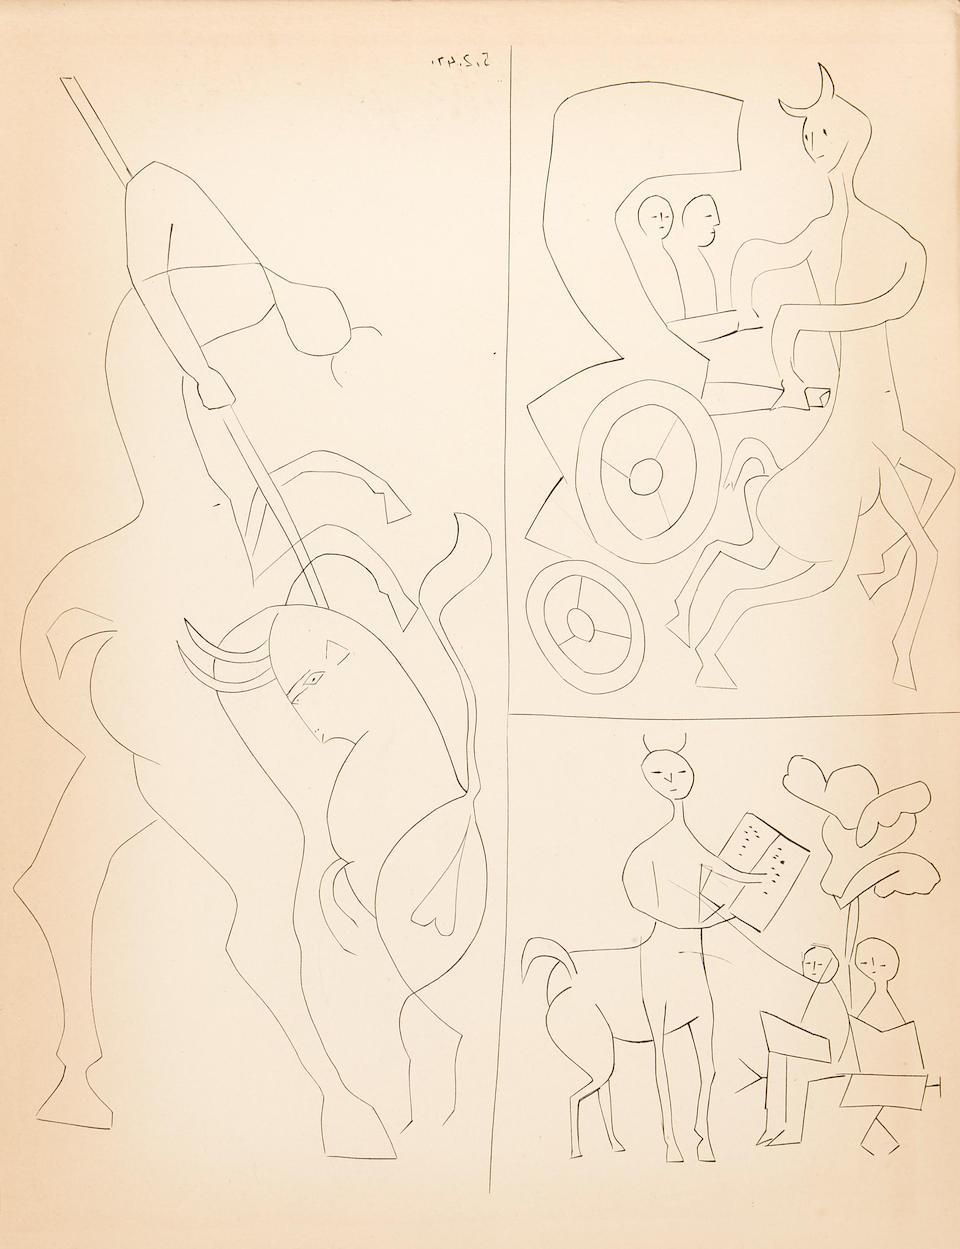 PICASSO, PABLO. 1881-1973. REVENTOS, RAMON. 1882-1923.  Dos Contes. El centaure Picador y El capvespre d'un faune. Paris and Barcelona: Editorial Albor, 1947.